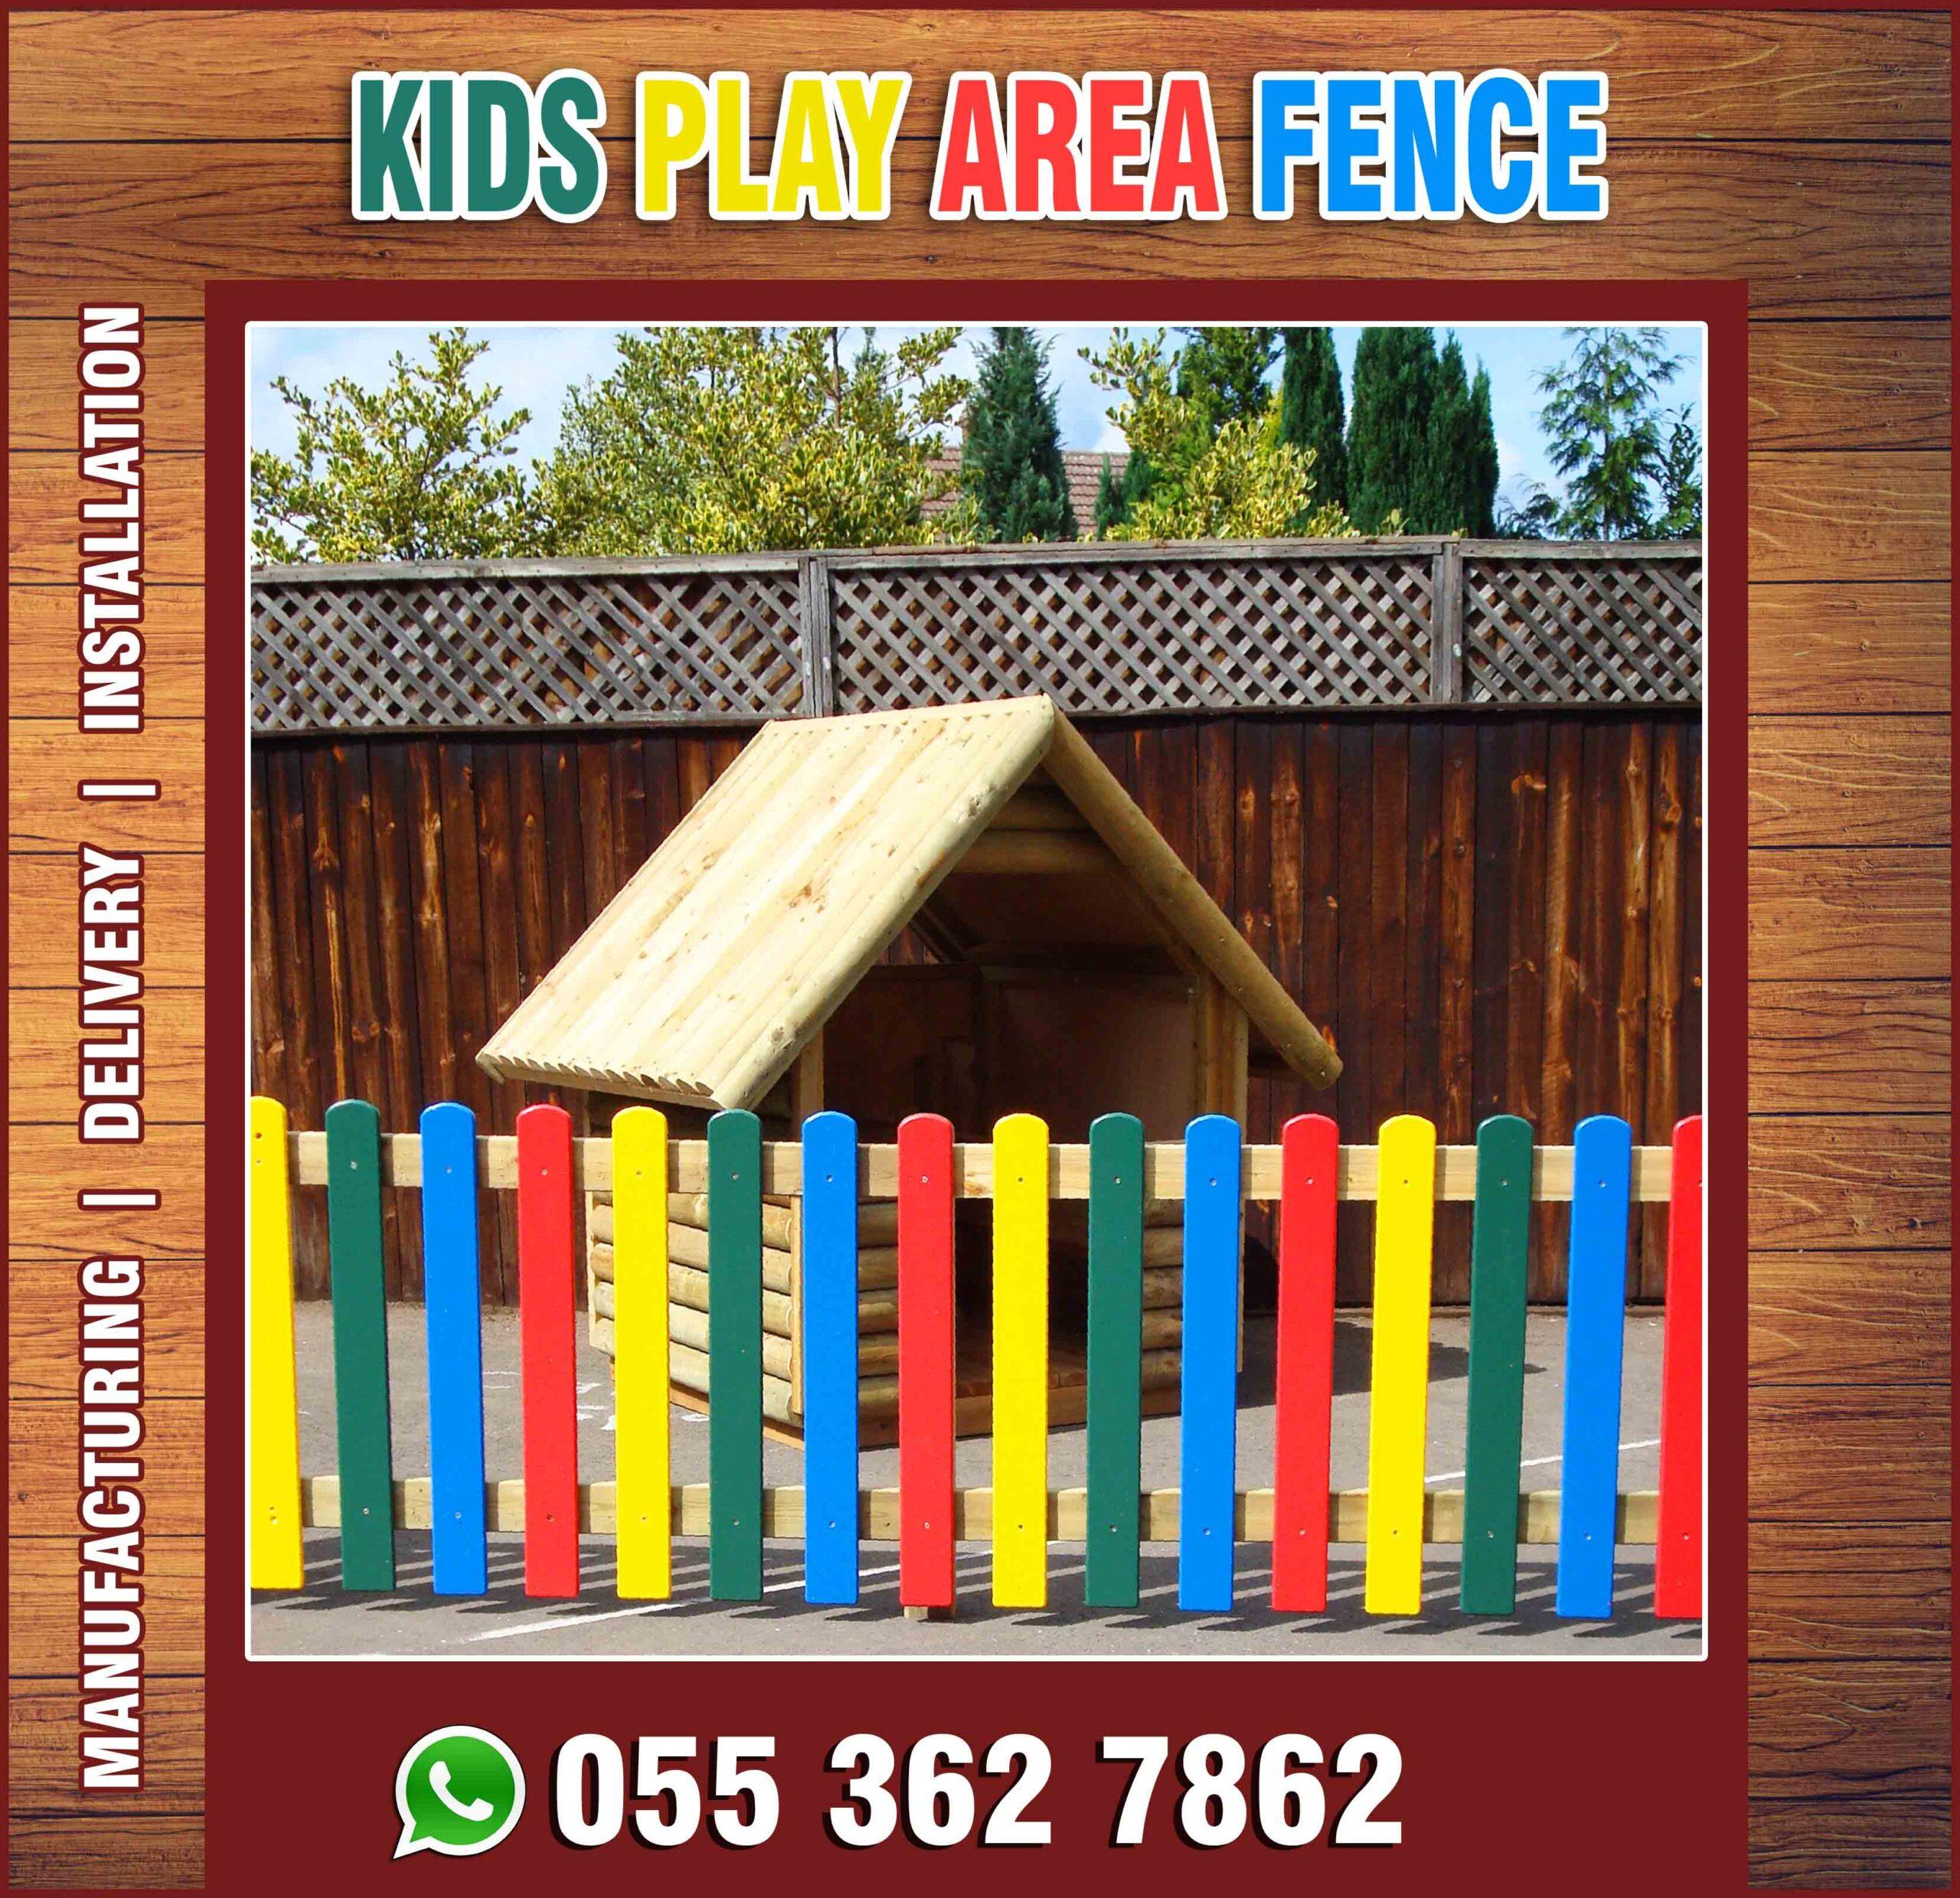 Kids Play Area Fences in Abu Dhabi, Al AIn, UAE.jpg